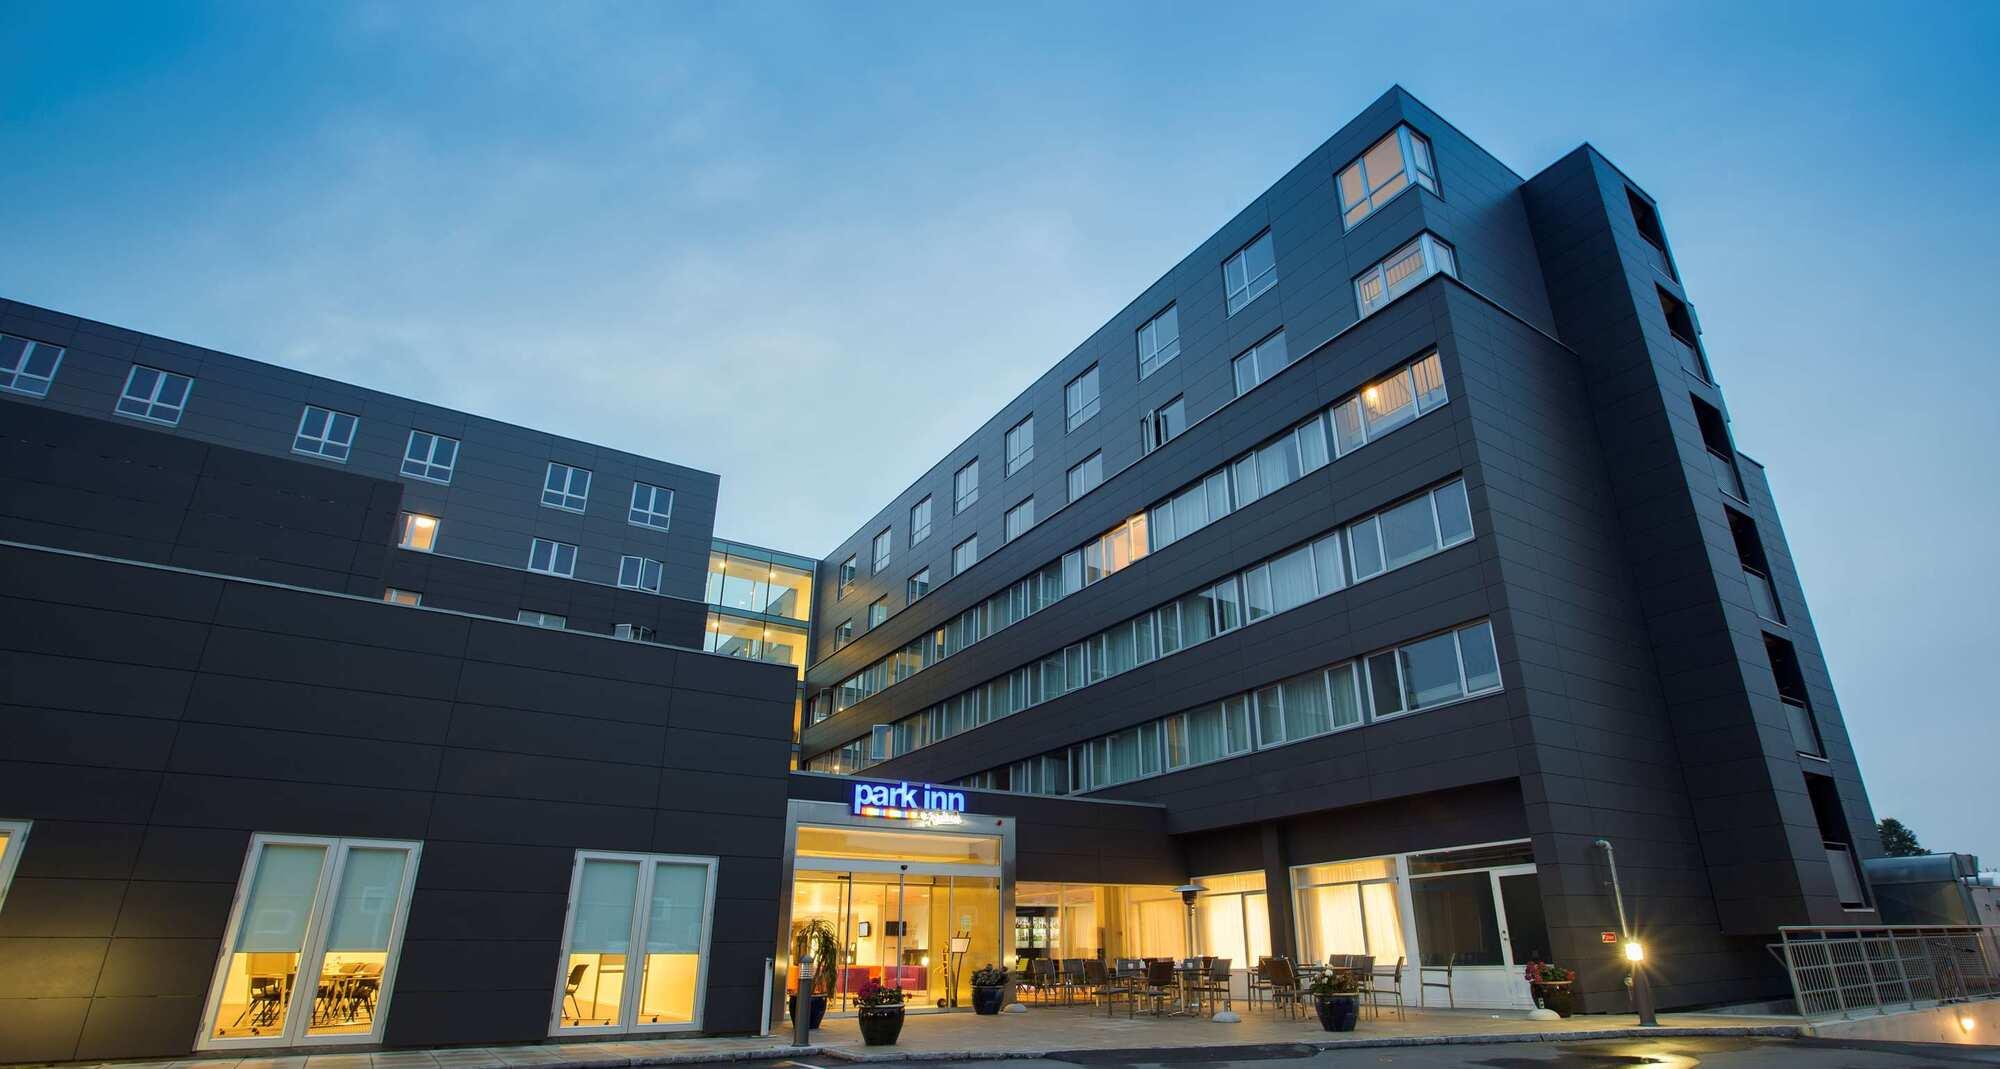 Park Inn by Radisson Copenhagen Airport Hotel med blandt andet 295 værelser, mødelokaler og restauranter, er det hotel i Danmark, der står til at tabe mest ved den igangværende rekonstruktion af flyselskabet Norwegian. Arkivfoto fra Radisson.